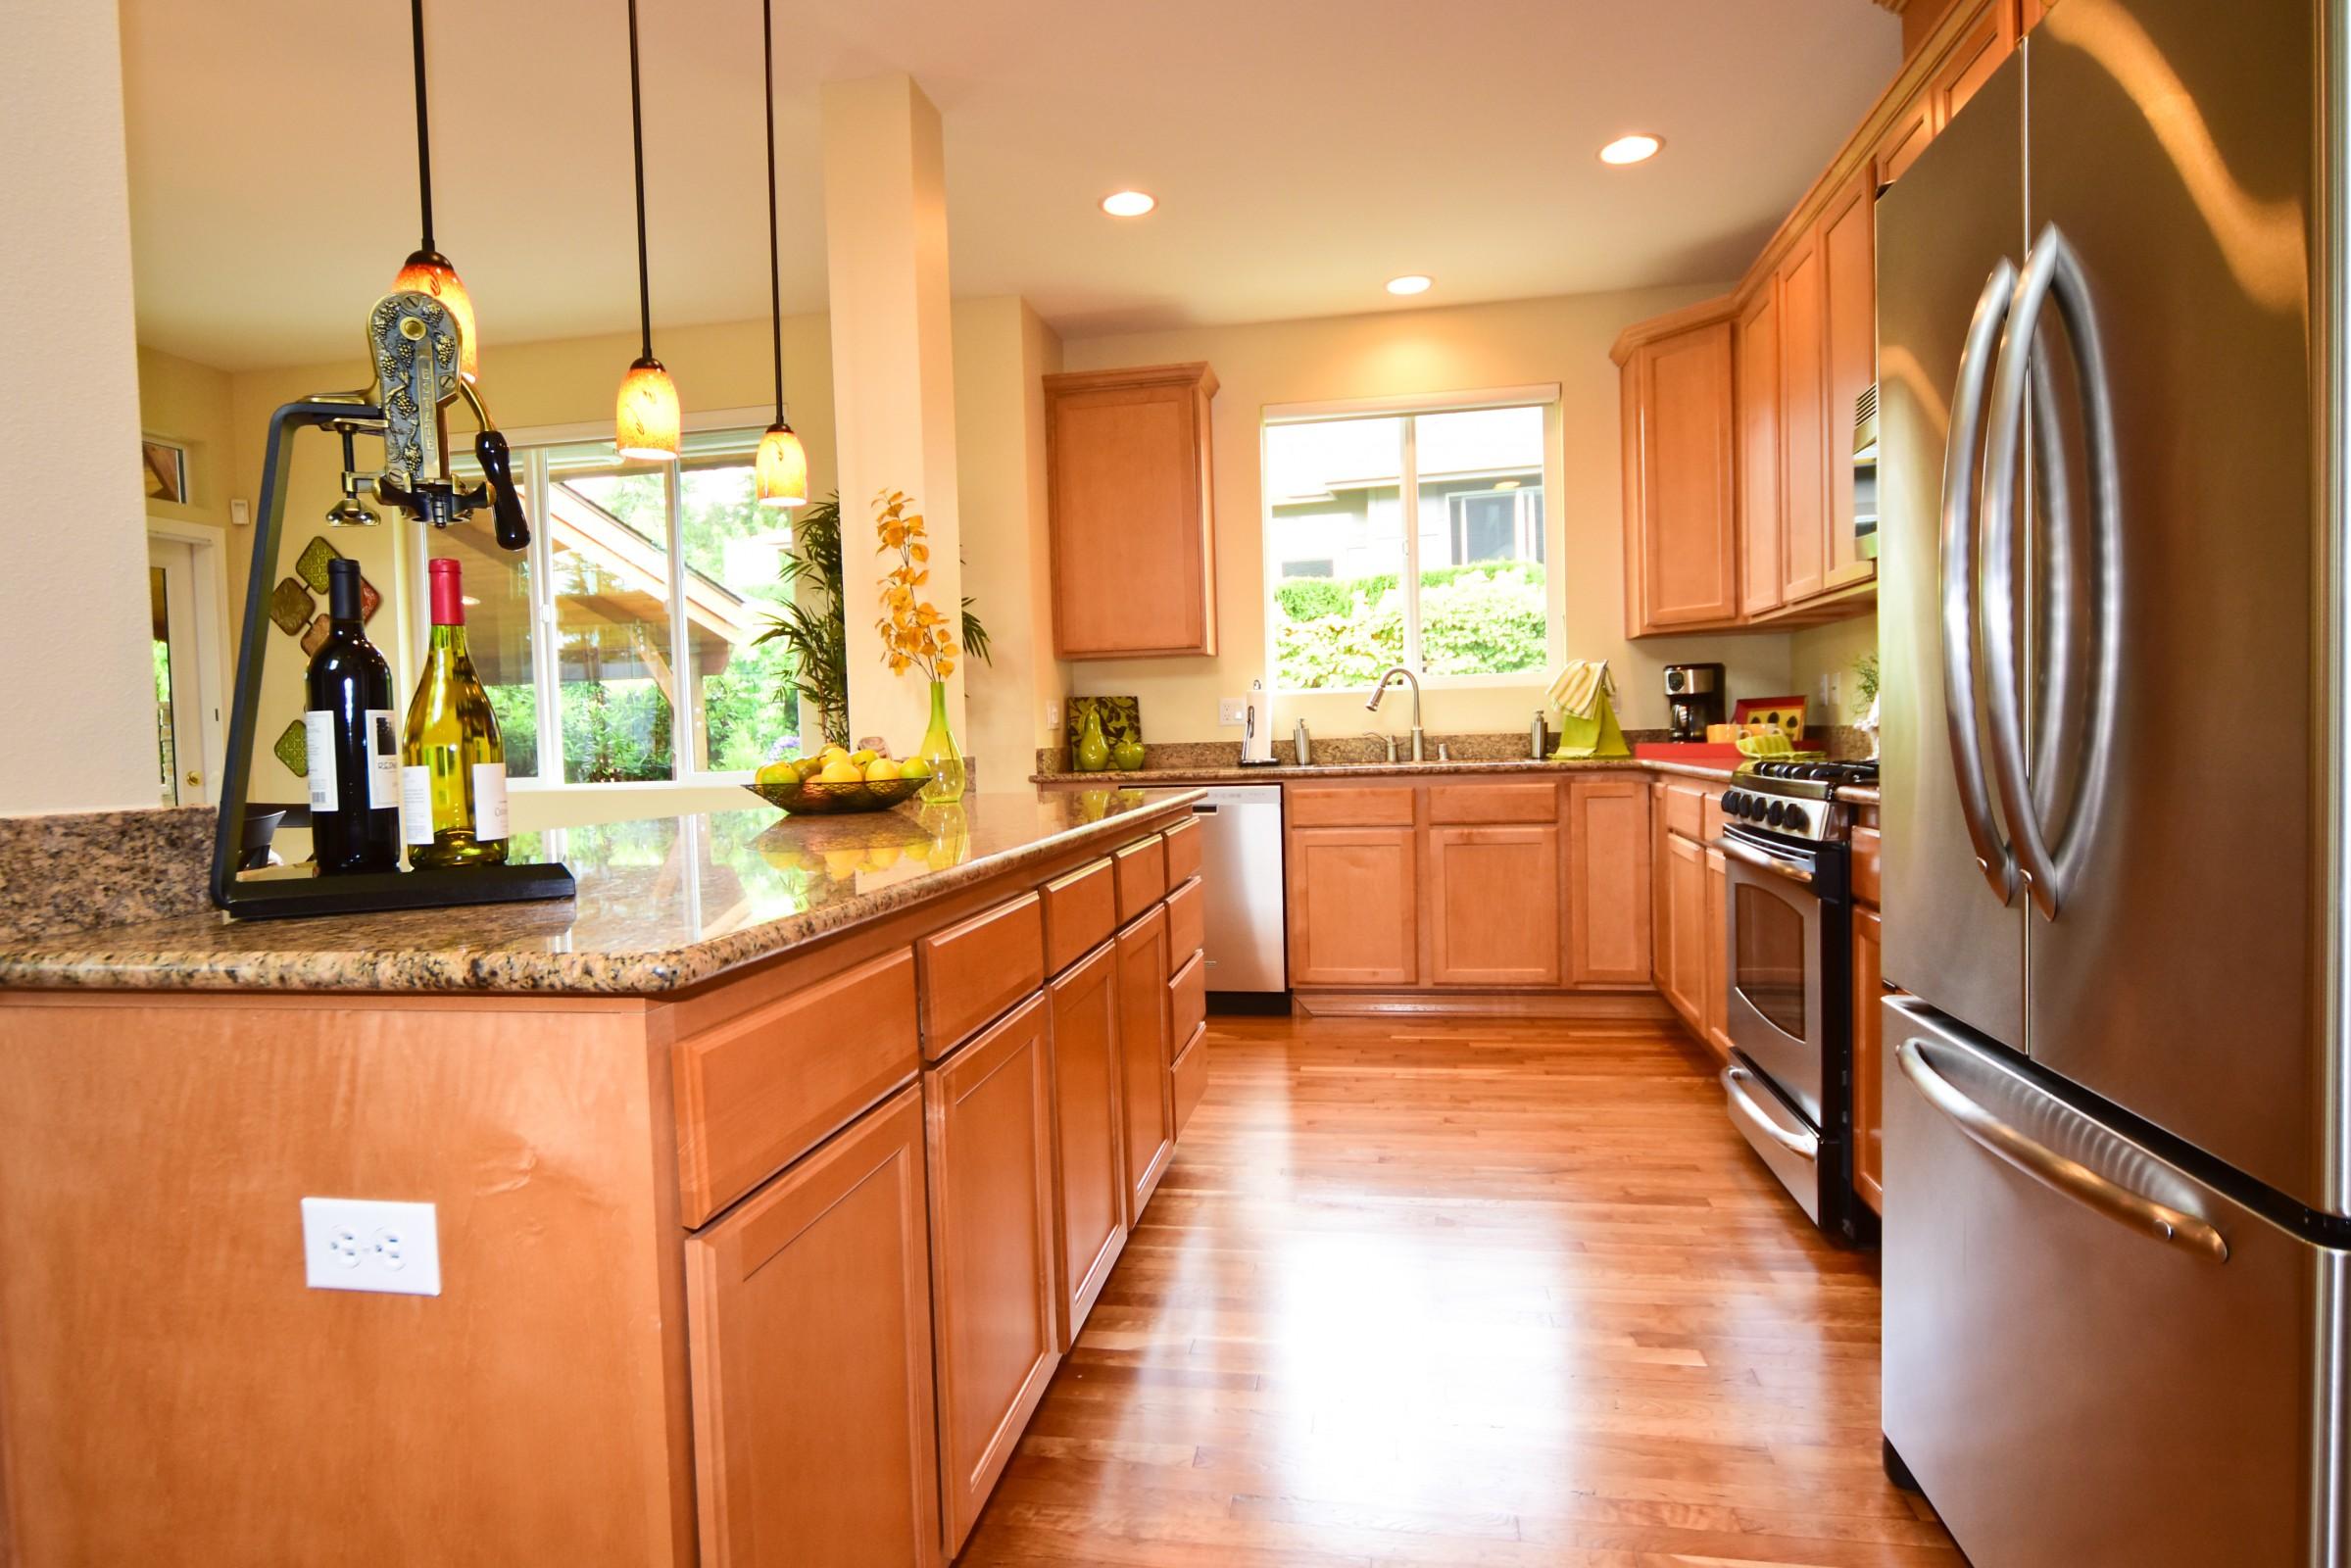 Redmond_Kitchen appliance.jpg